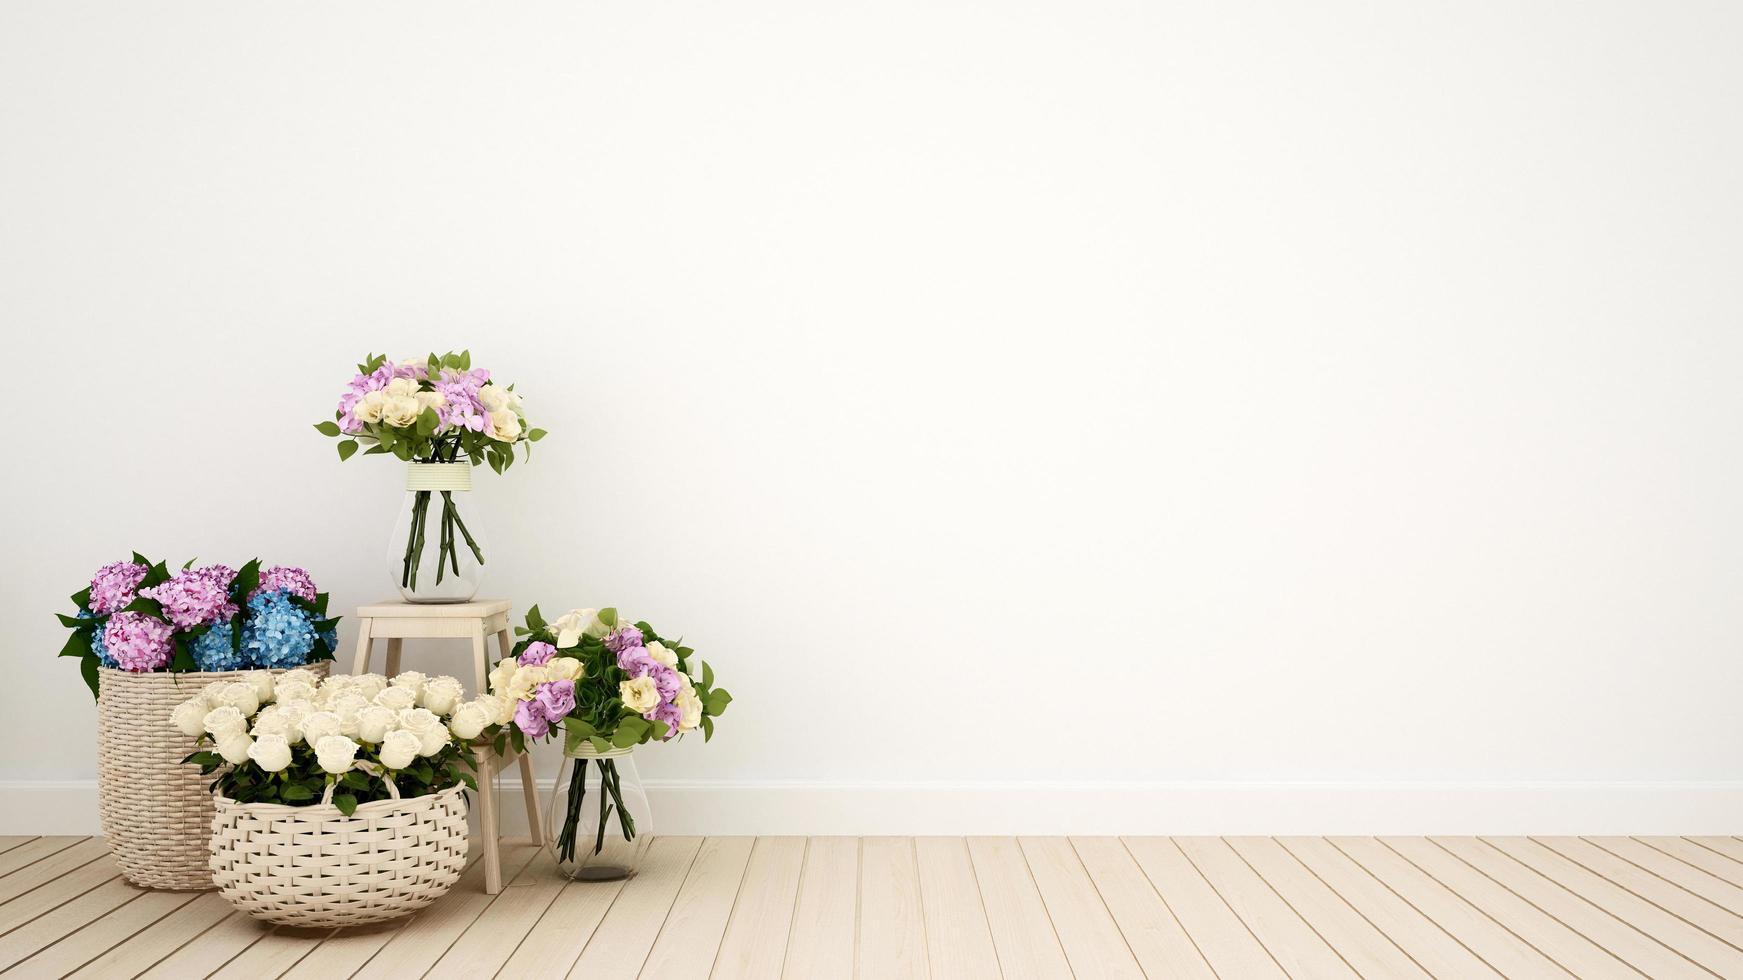 fleur de décoration de salon ou autre pièce photo